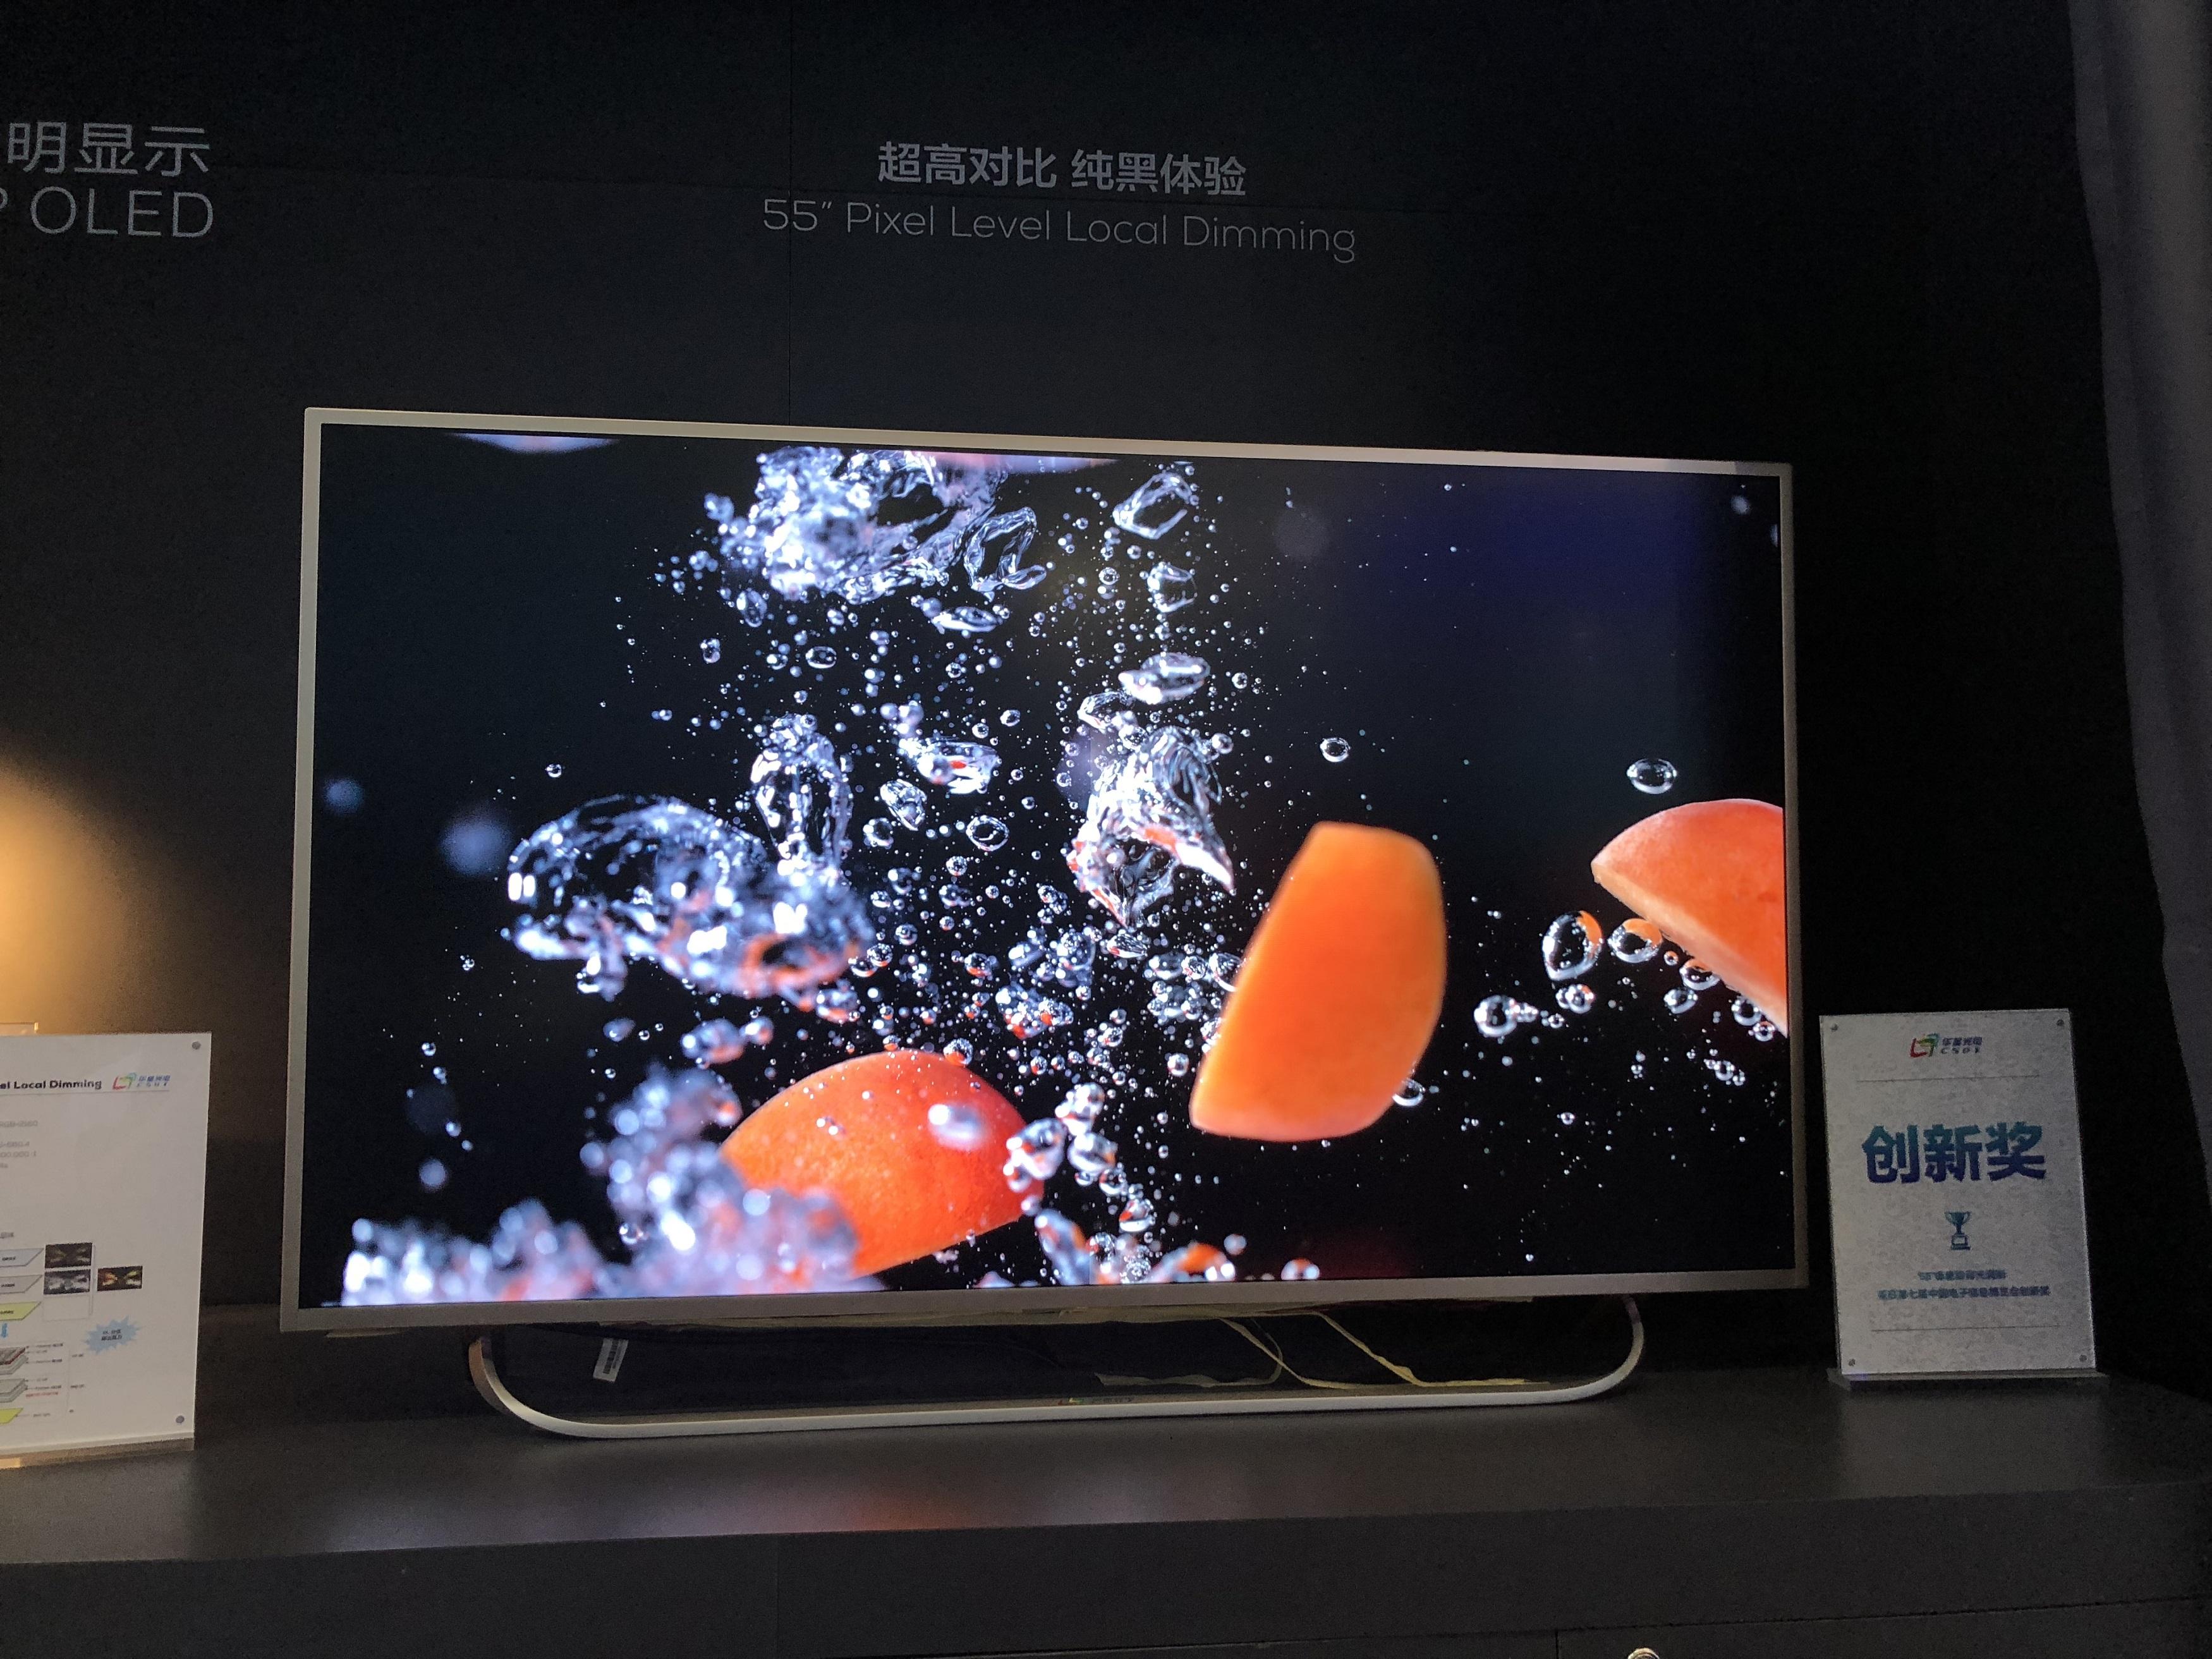 华星光电55吋电视面板2019年1月出货量全球第一,占比25%